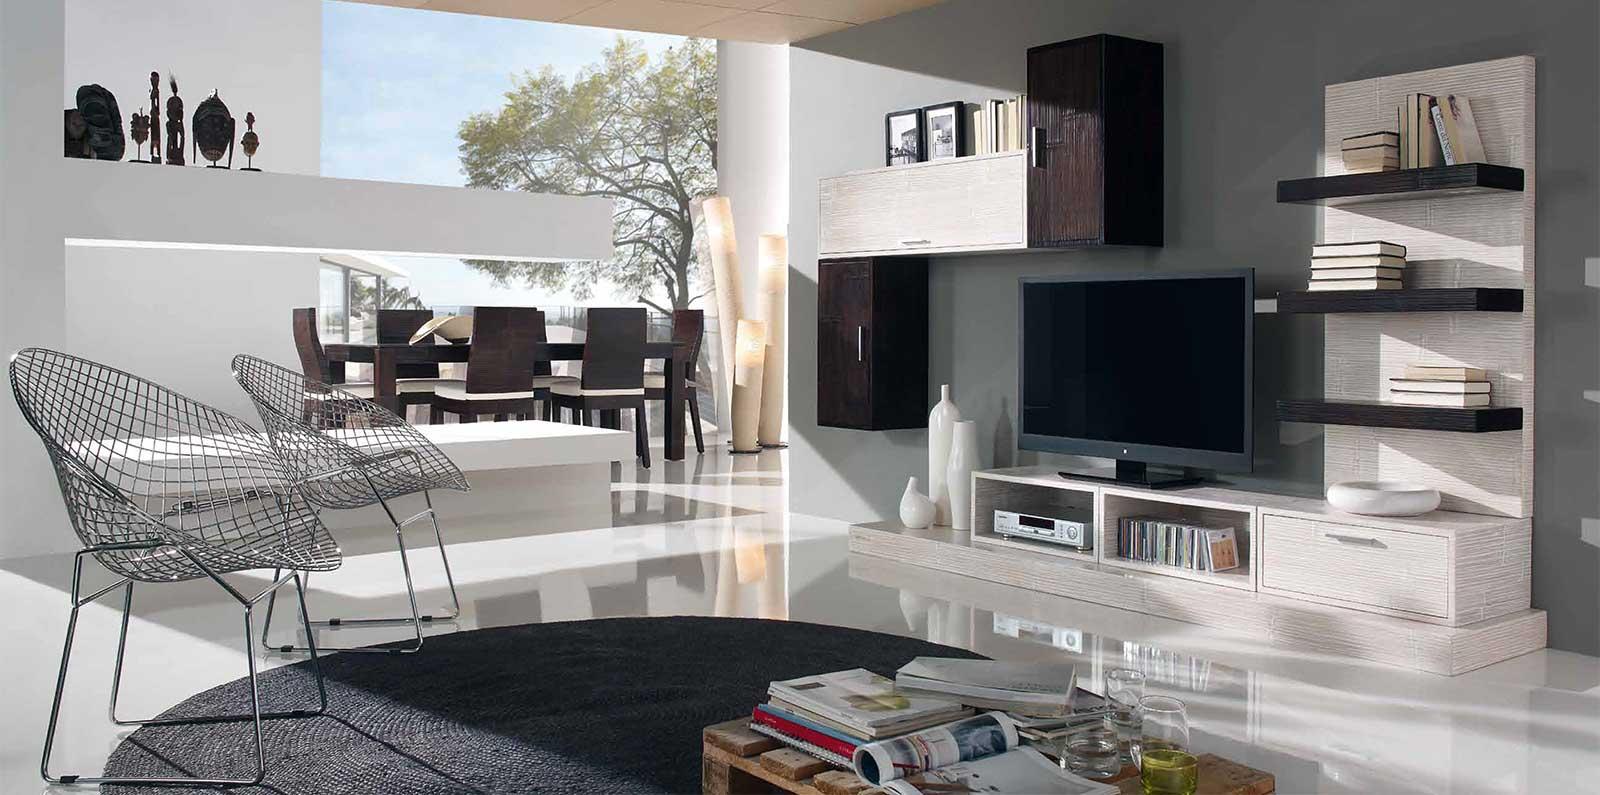 meubles modulables bois et teck haut de gamme au style design. Black Bedroom Furniture Sets. Home Design Ideas